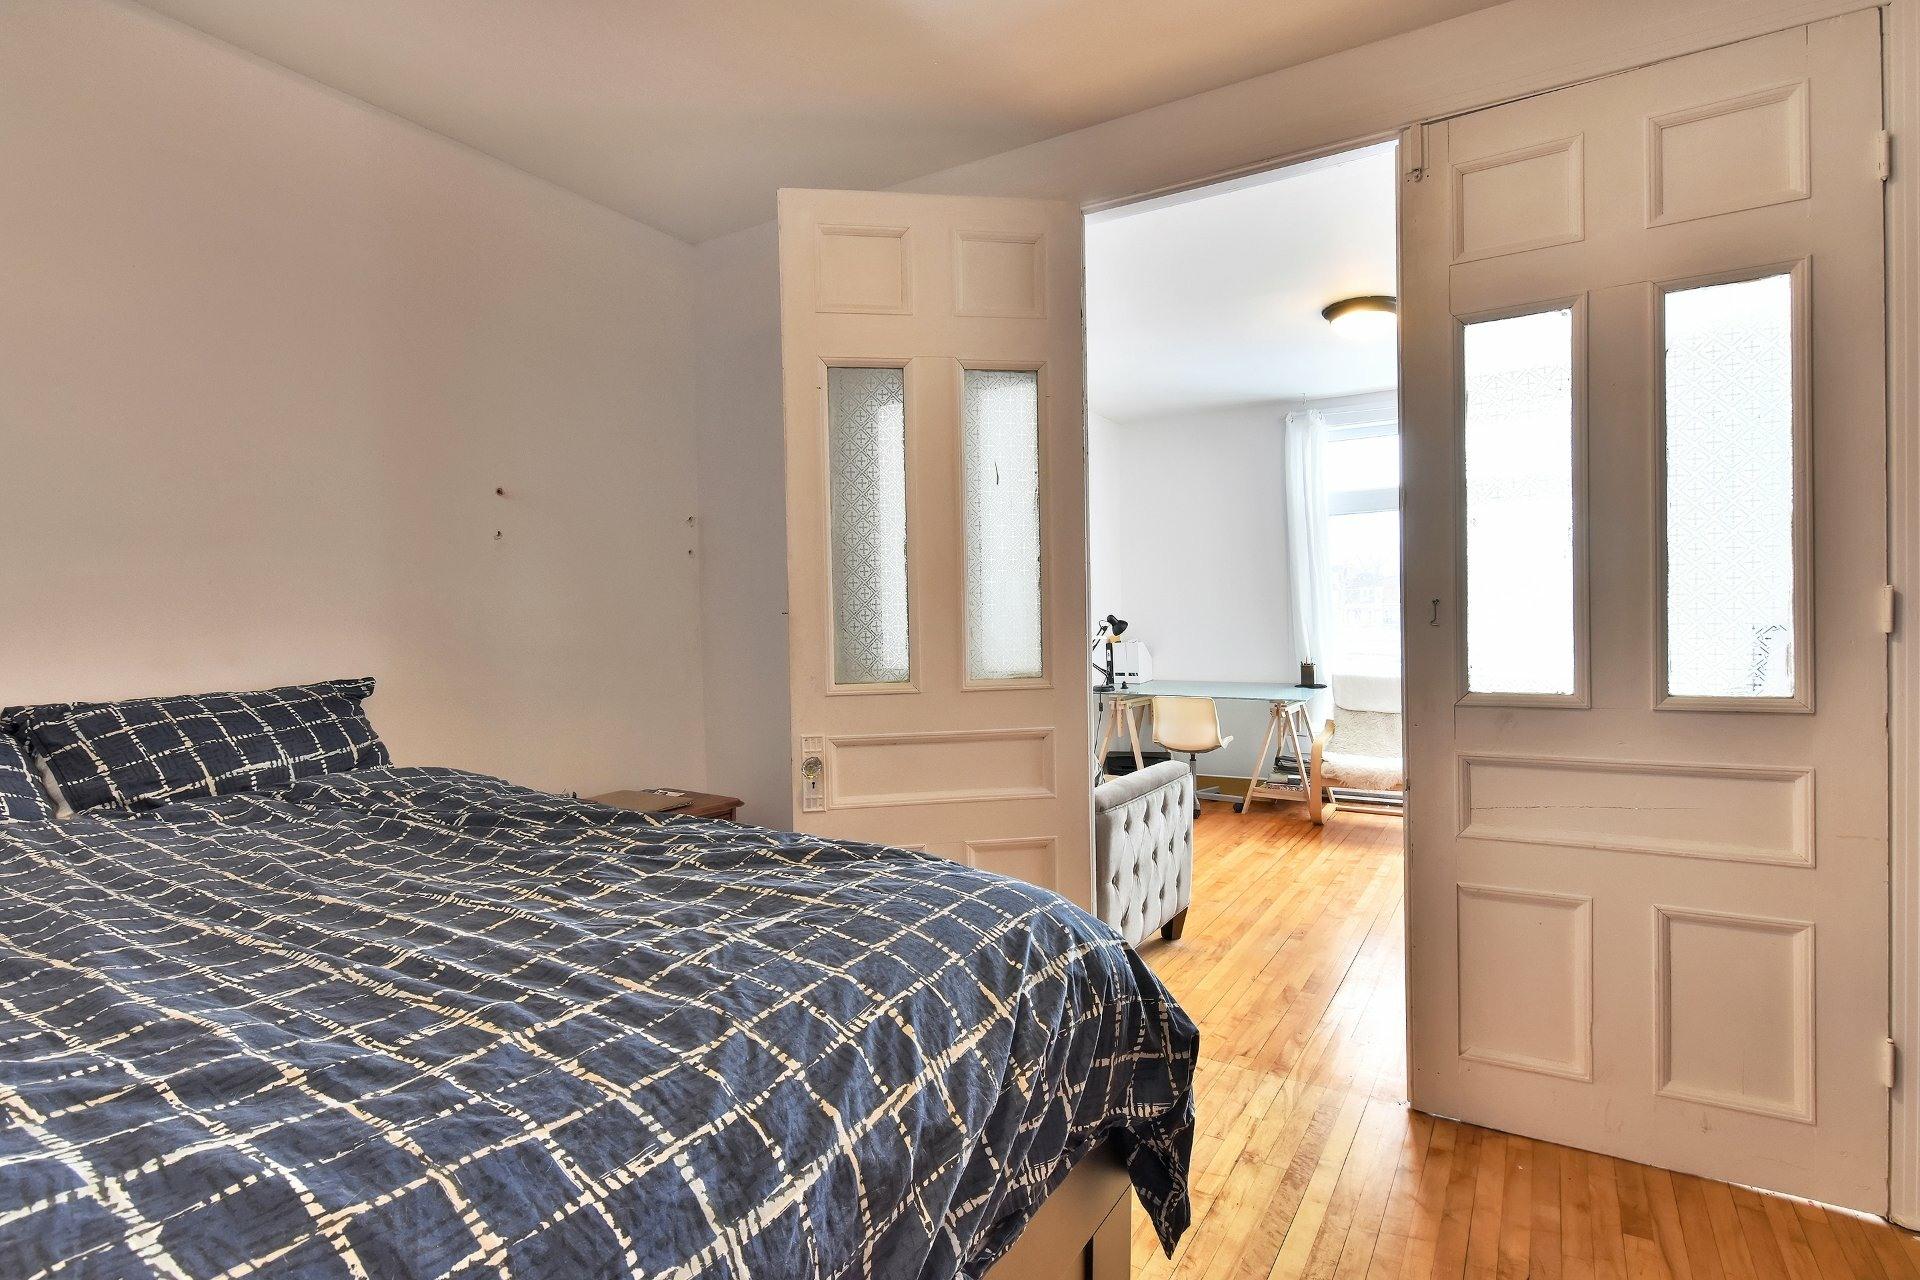 image 26 - Apartment For sale Côte-des-Neiges/Notre-Dame-de-Grâce Montréal  - 7 rooms